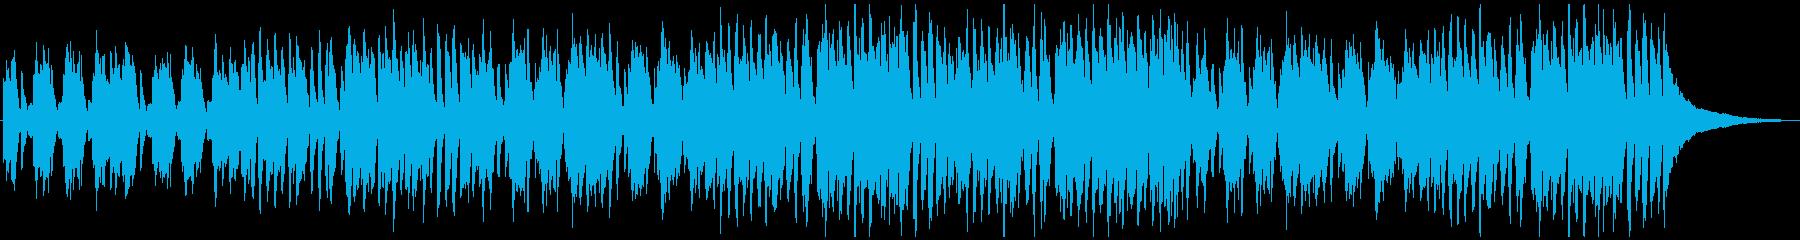 サラサラ ジャズ ビンテージ お笑...の再生済みの波形